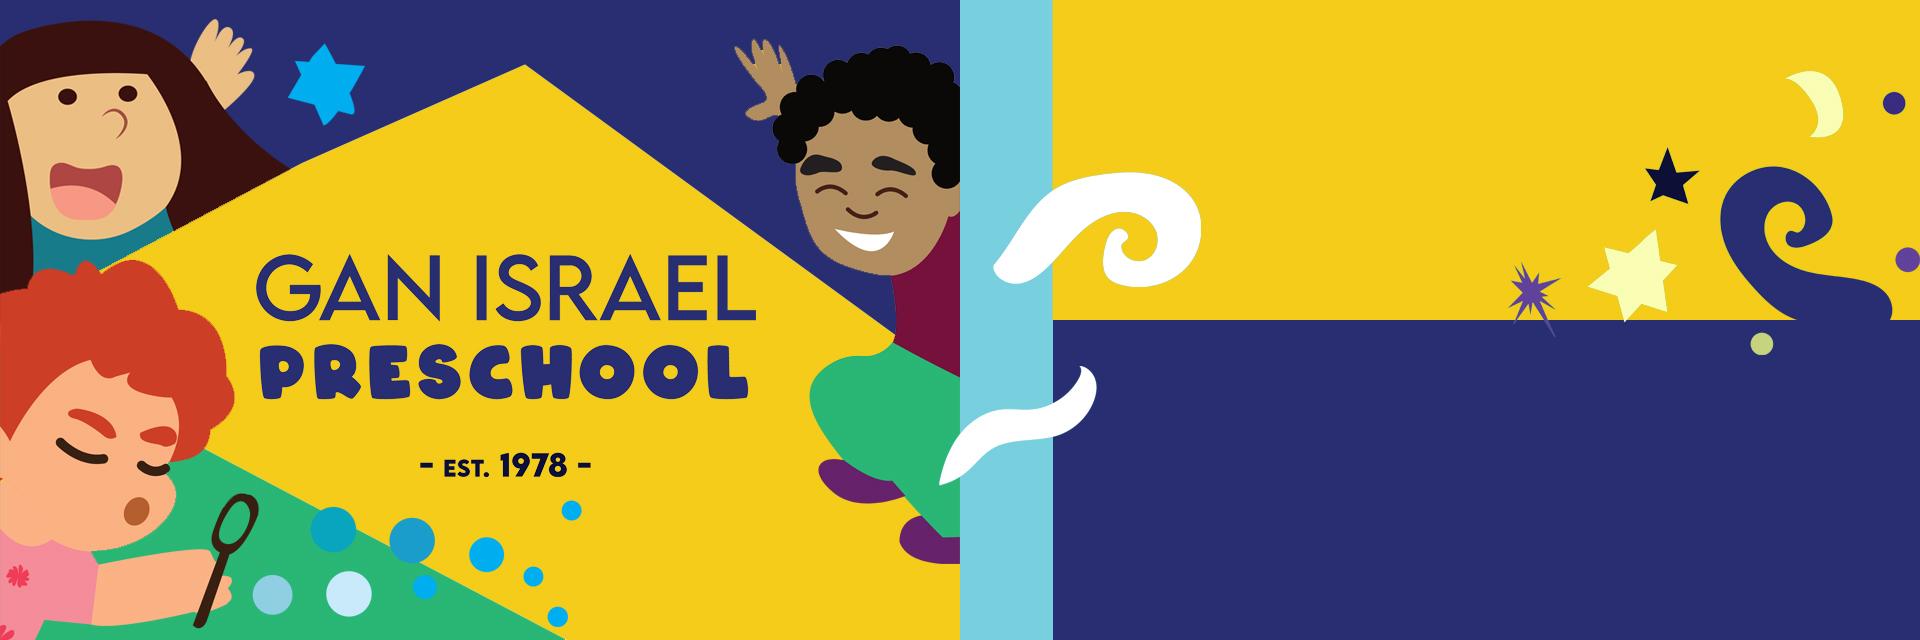 """<a href=""""https://www.bnaiisrael.net/family-kids/gan-israel-preschool""""                                     target="""""""">                                                                 <span class=""""slider_title"""">                                     Gan Israel Preschool Reopens                                </span>                                                                 </a>                                                                                                                                                                                       <span class=""""slider_description"""">Summer Camp opens June 14 for preschoolers ages 3+</span>                                                                                     <a href=""""https://www.bnaiisrael.net/family-kids/gan-israel-preschool"""" class=""""slider_link""""                             target="""""""">                             Read More                            </a>"""